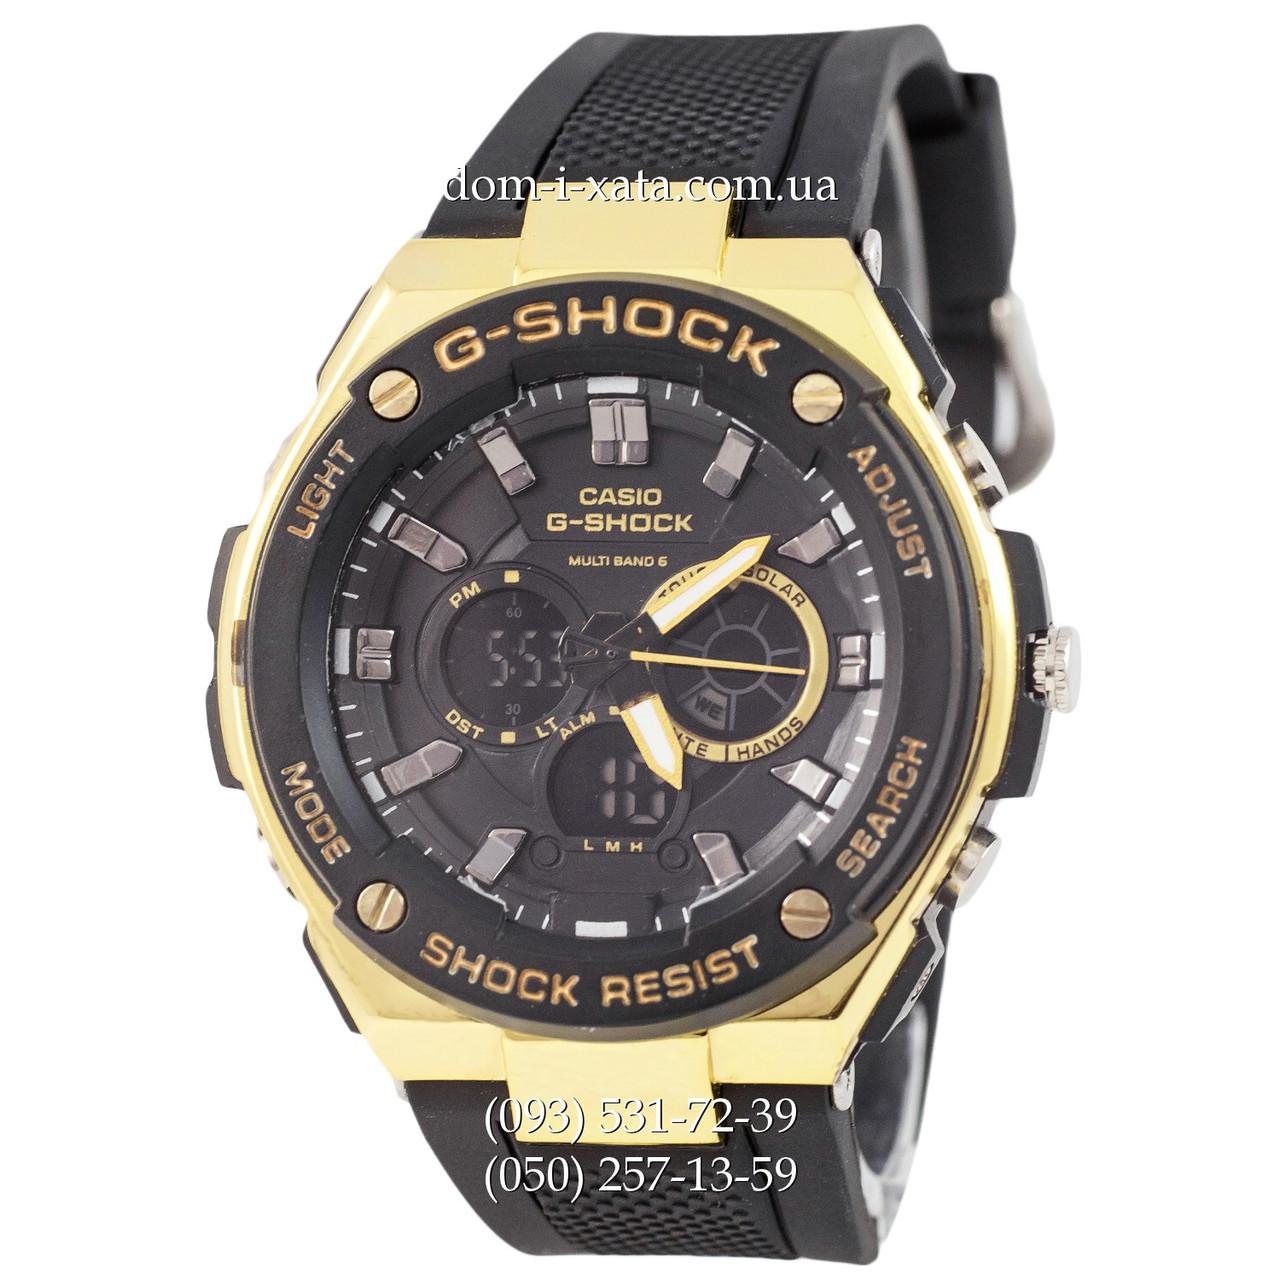 Электронные часы Casio G-Shock GST-210 Black-Gold, спортивные часы Джи Шок черный-золото, реплика отличное качество!